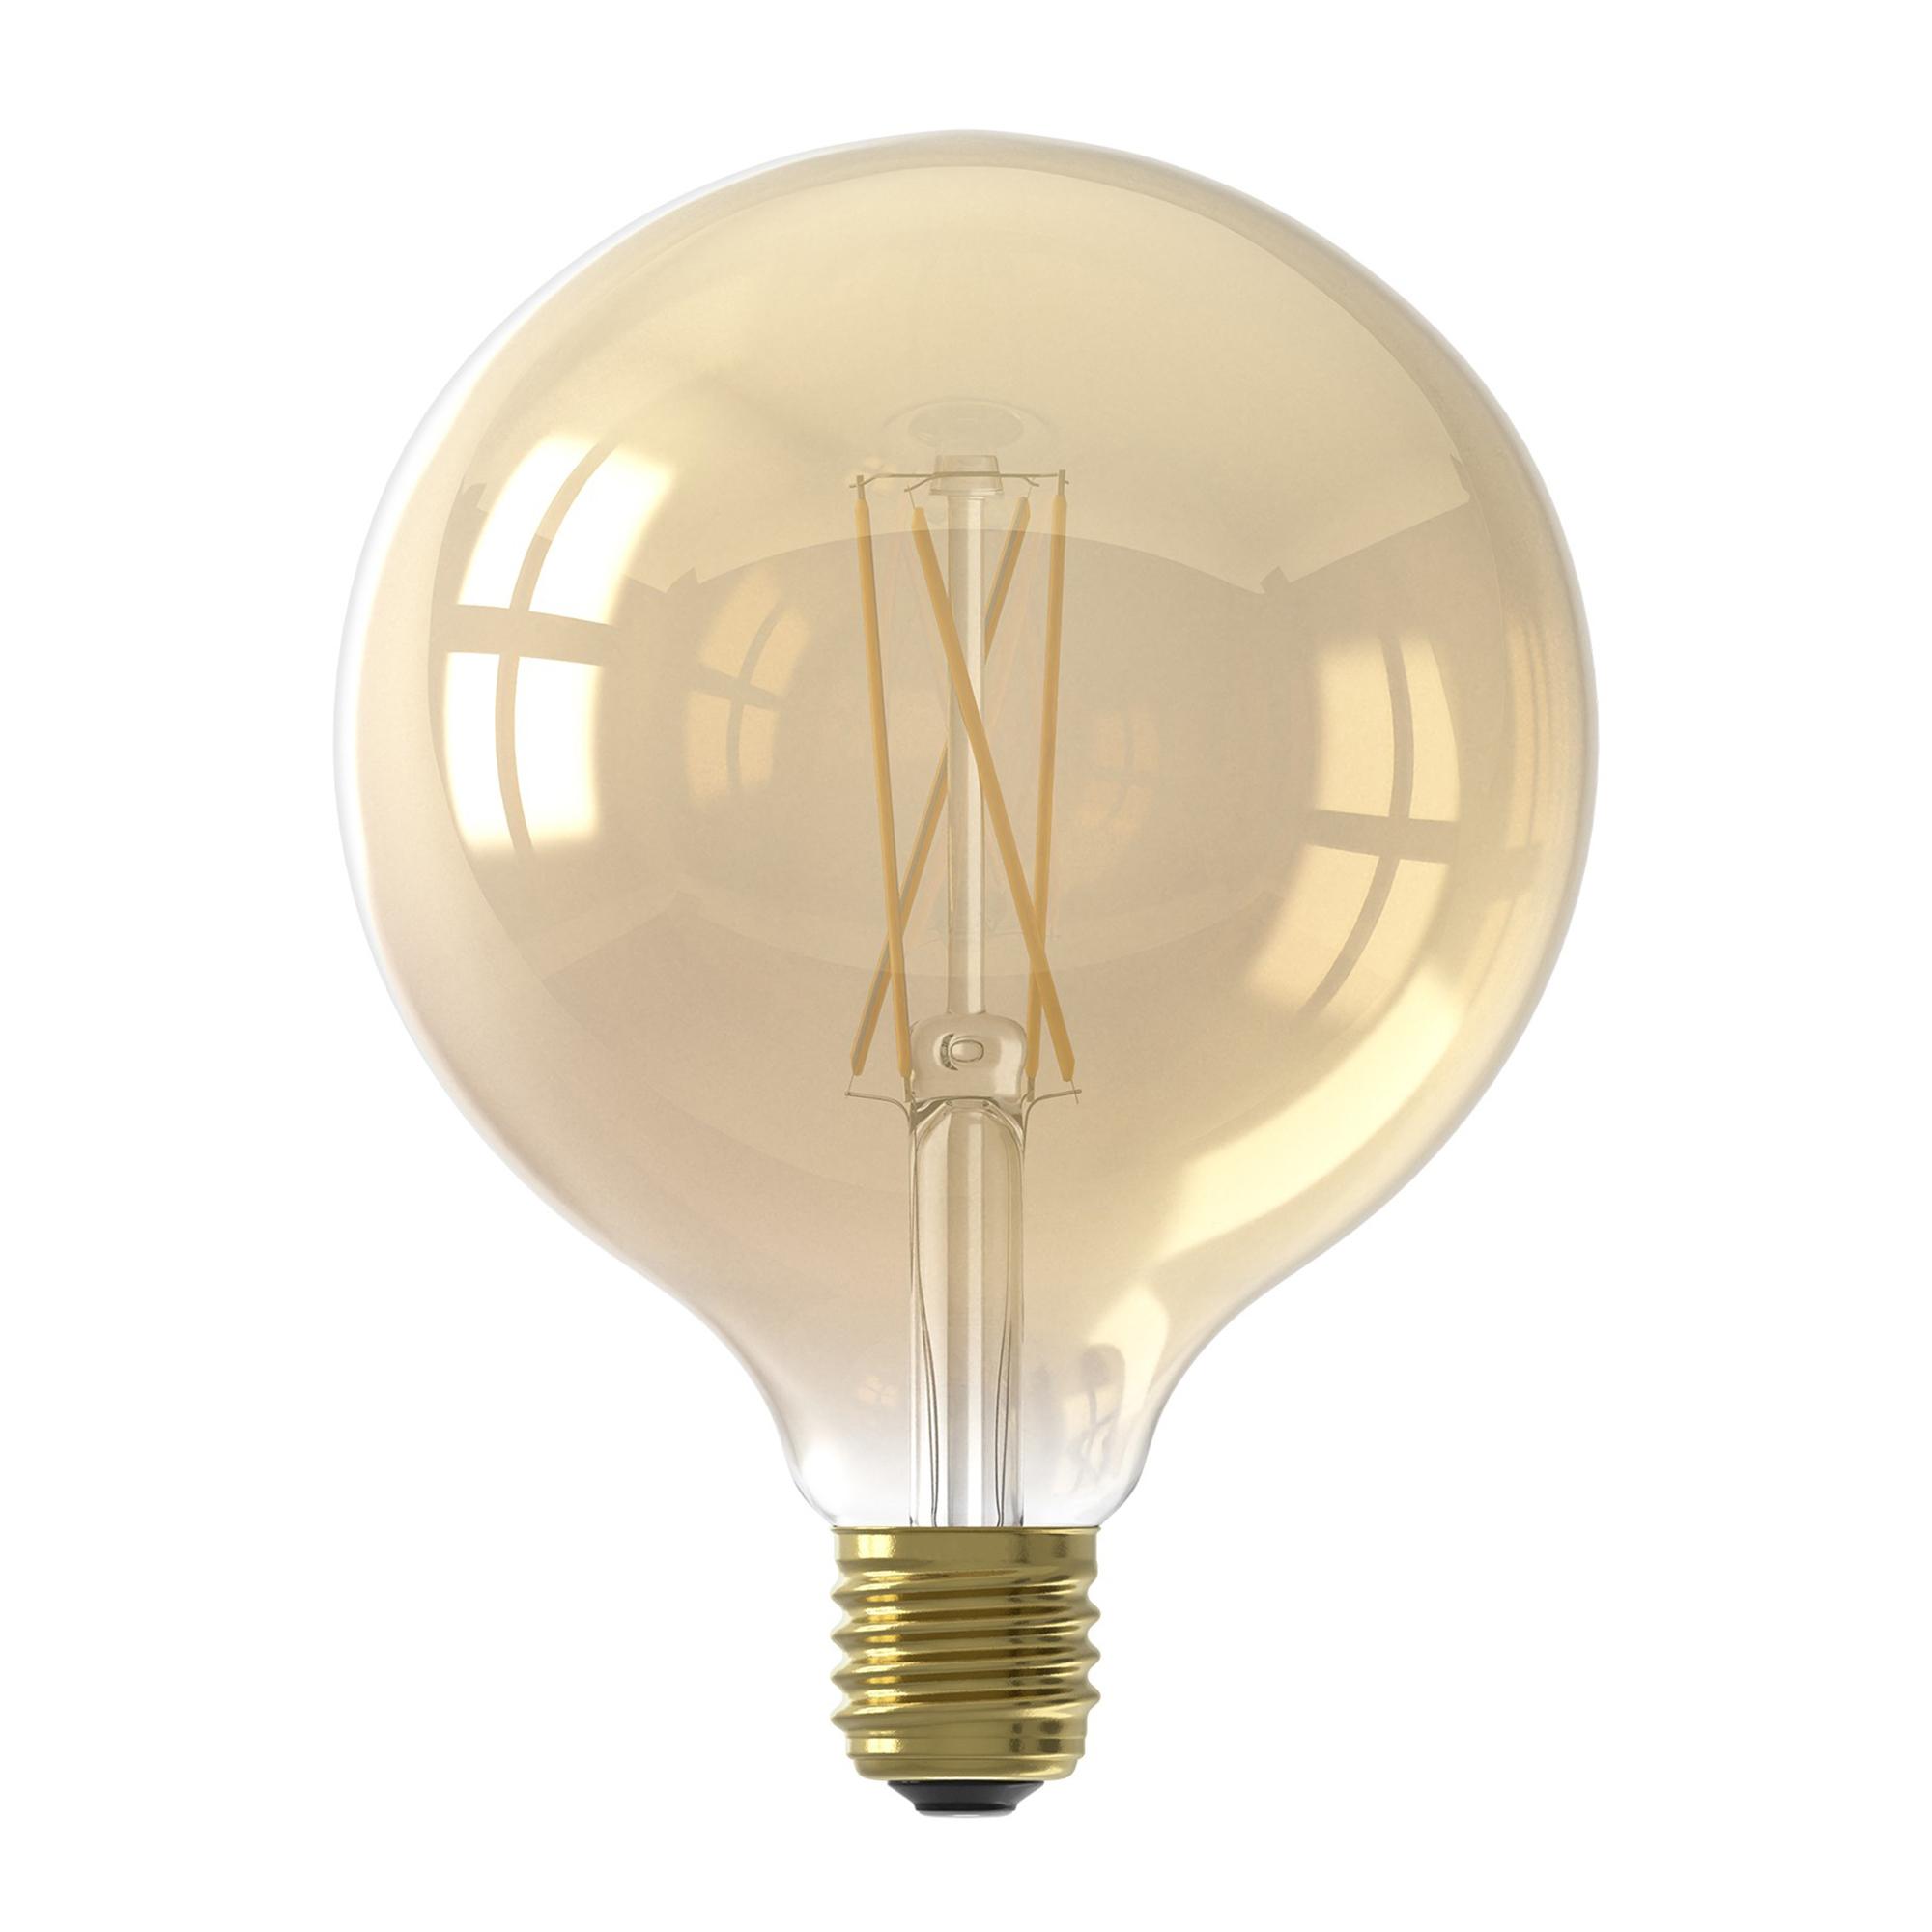 Grote LED lichtbron 6 watt